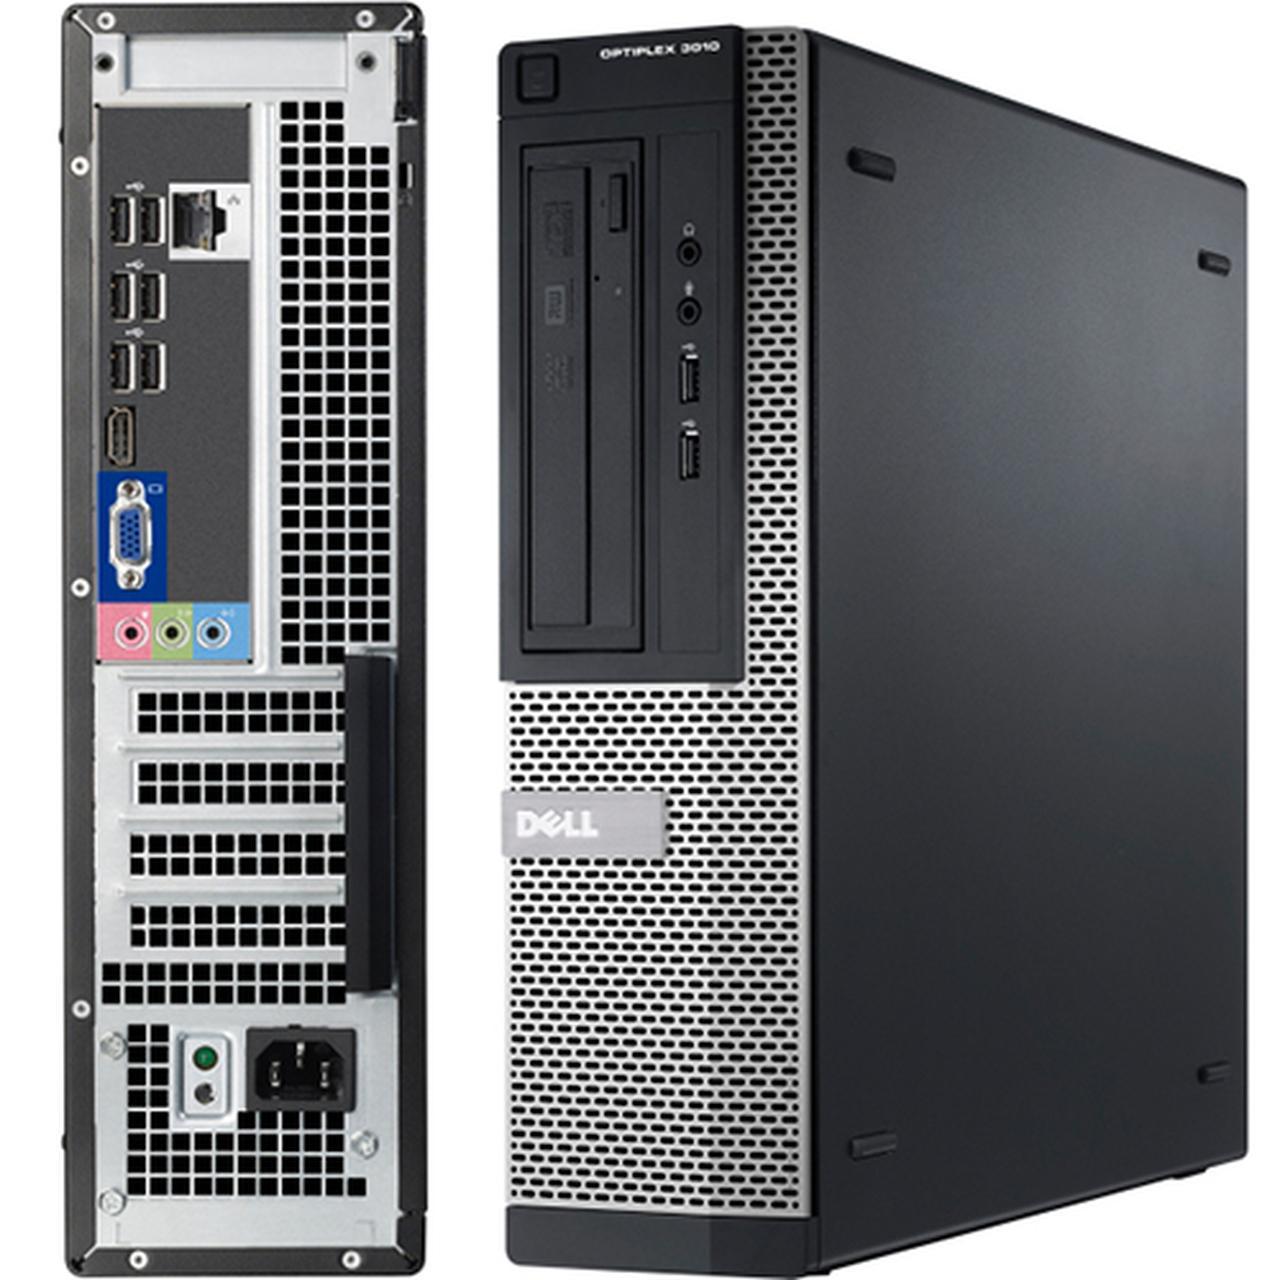 Dell OptiPlex 3010 DT Core i5-2400 3,1 - HDD 500 GB - 8GB